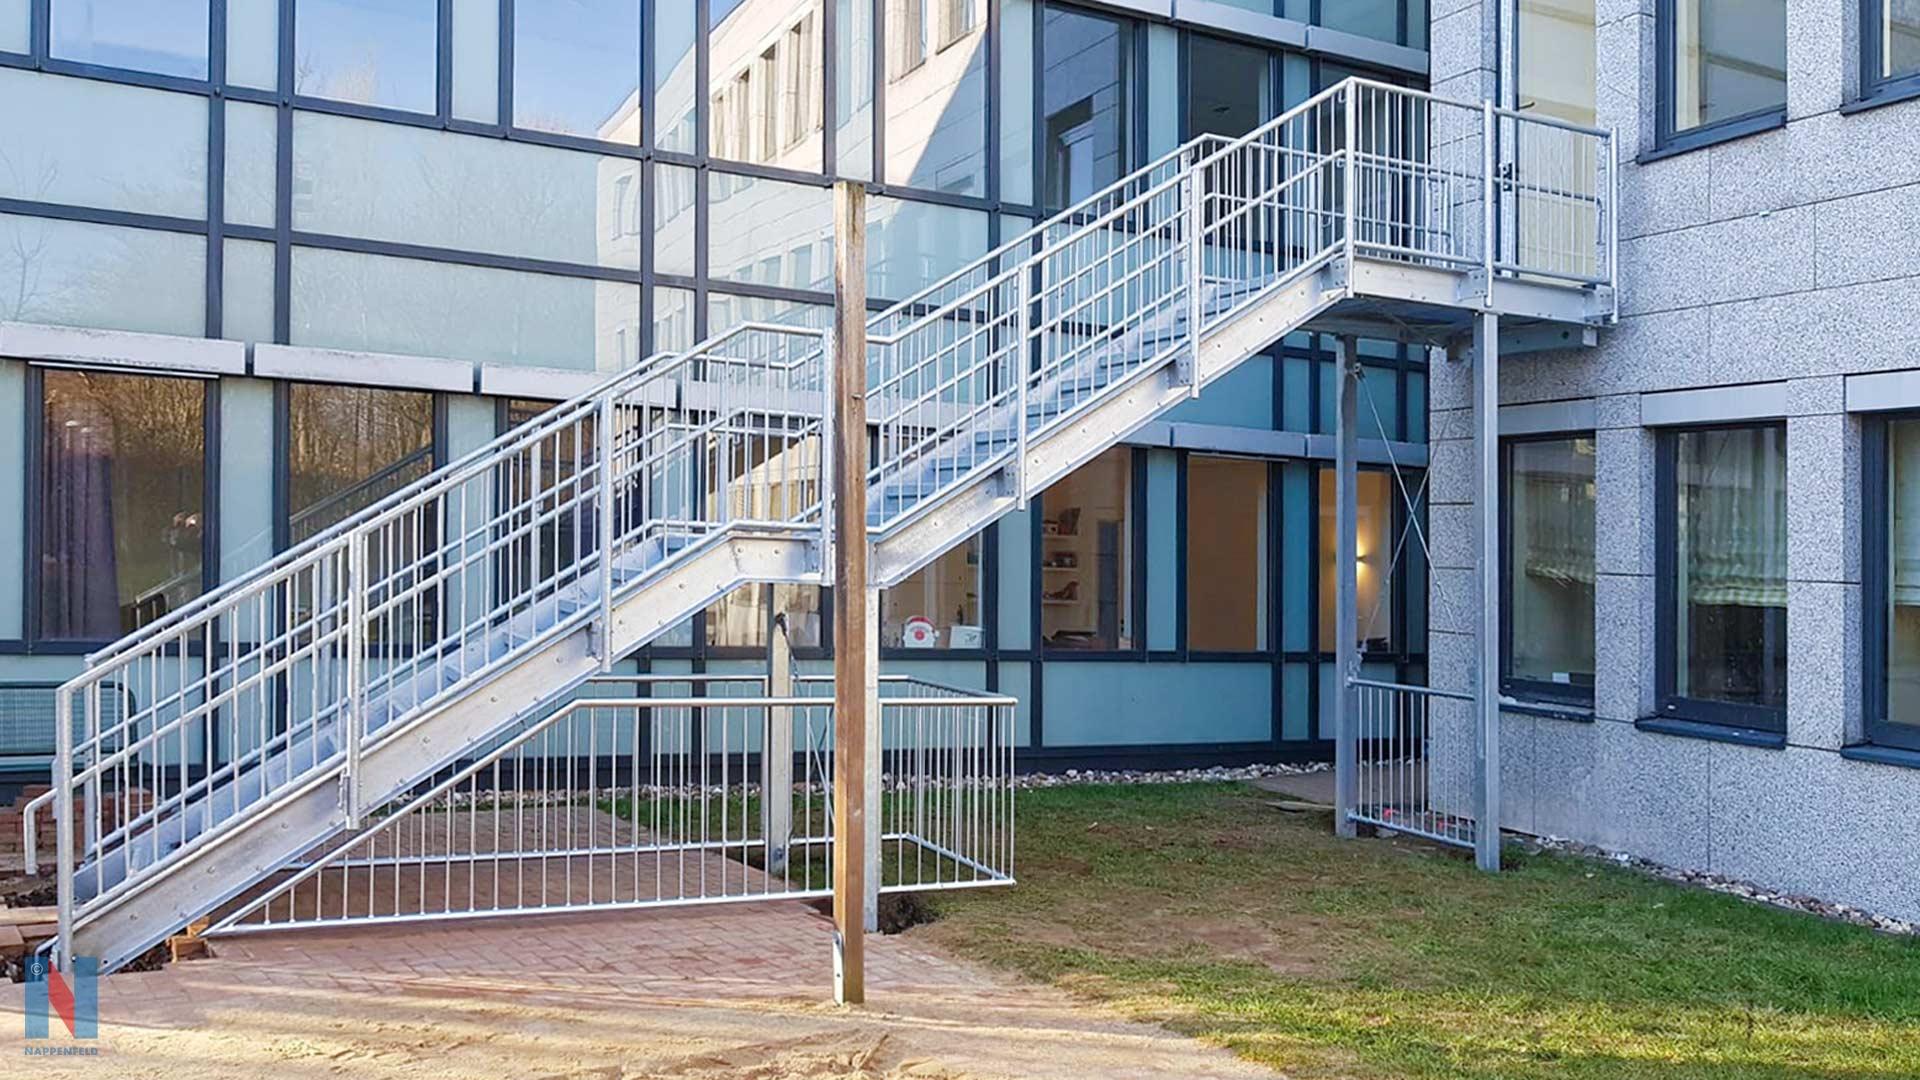 Neue Flucht-Treppe, geplant und konstruiert von der Edelstahlschlosserei Nappenfeld aus Mühlheim